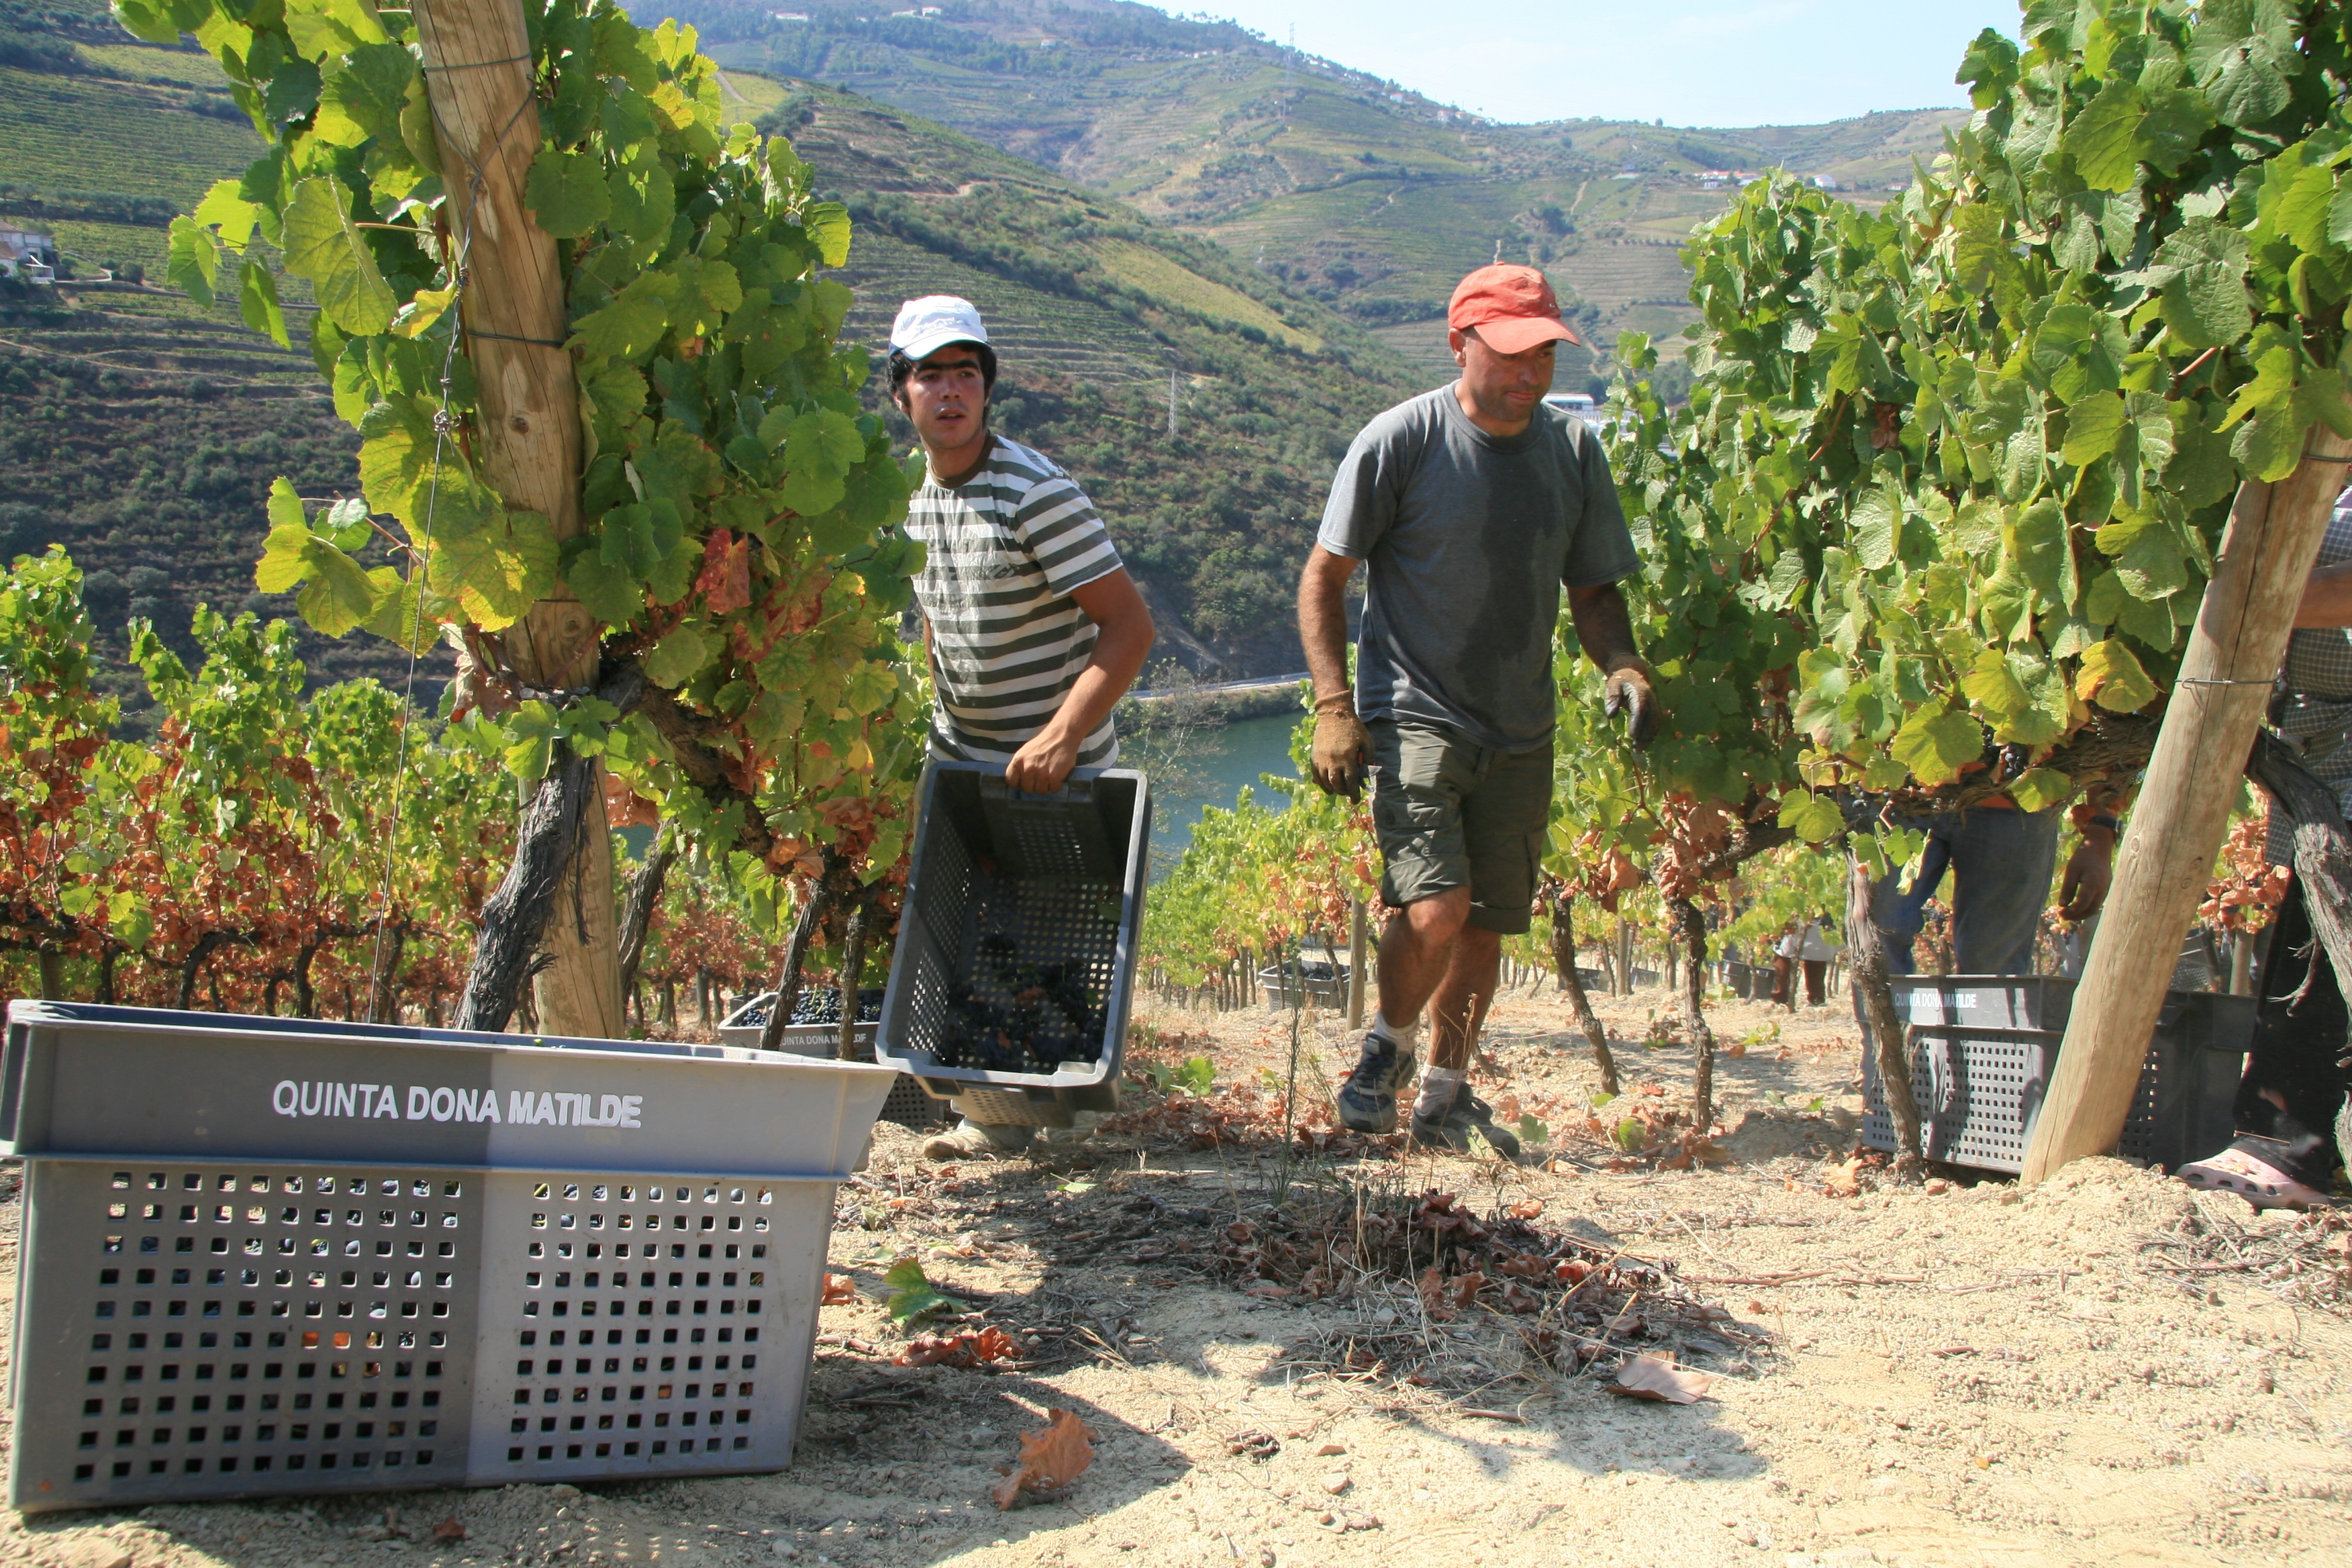 Die Weinernte im Douro-Tal erfolgt von Hand an den steilen Hängen der Weinberge